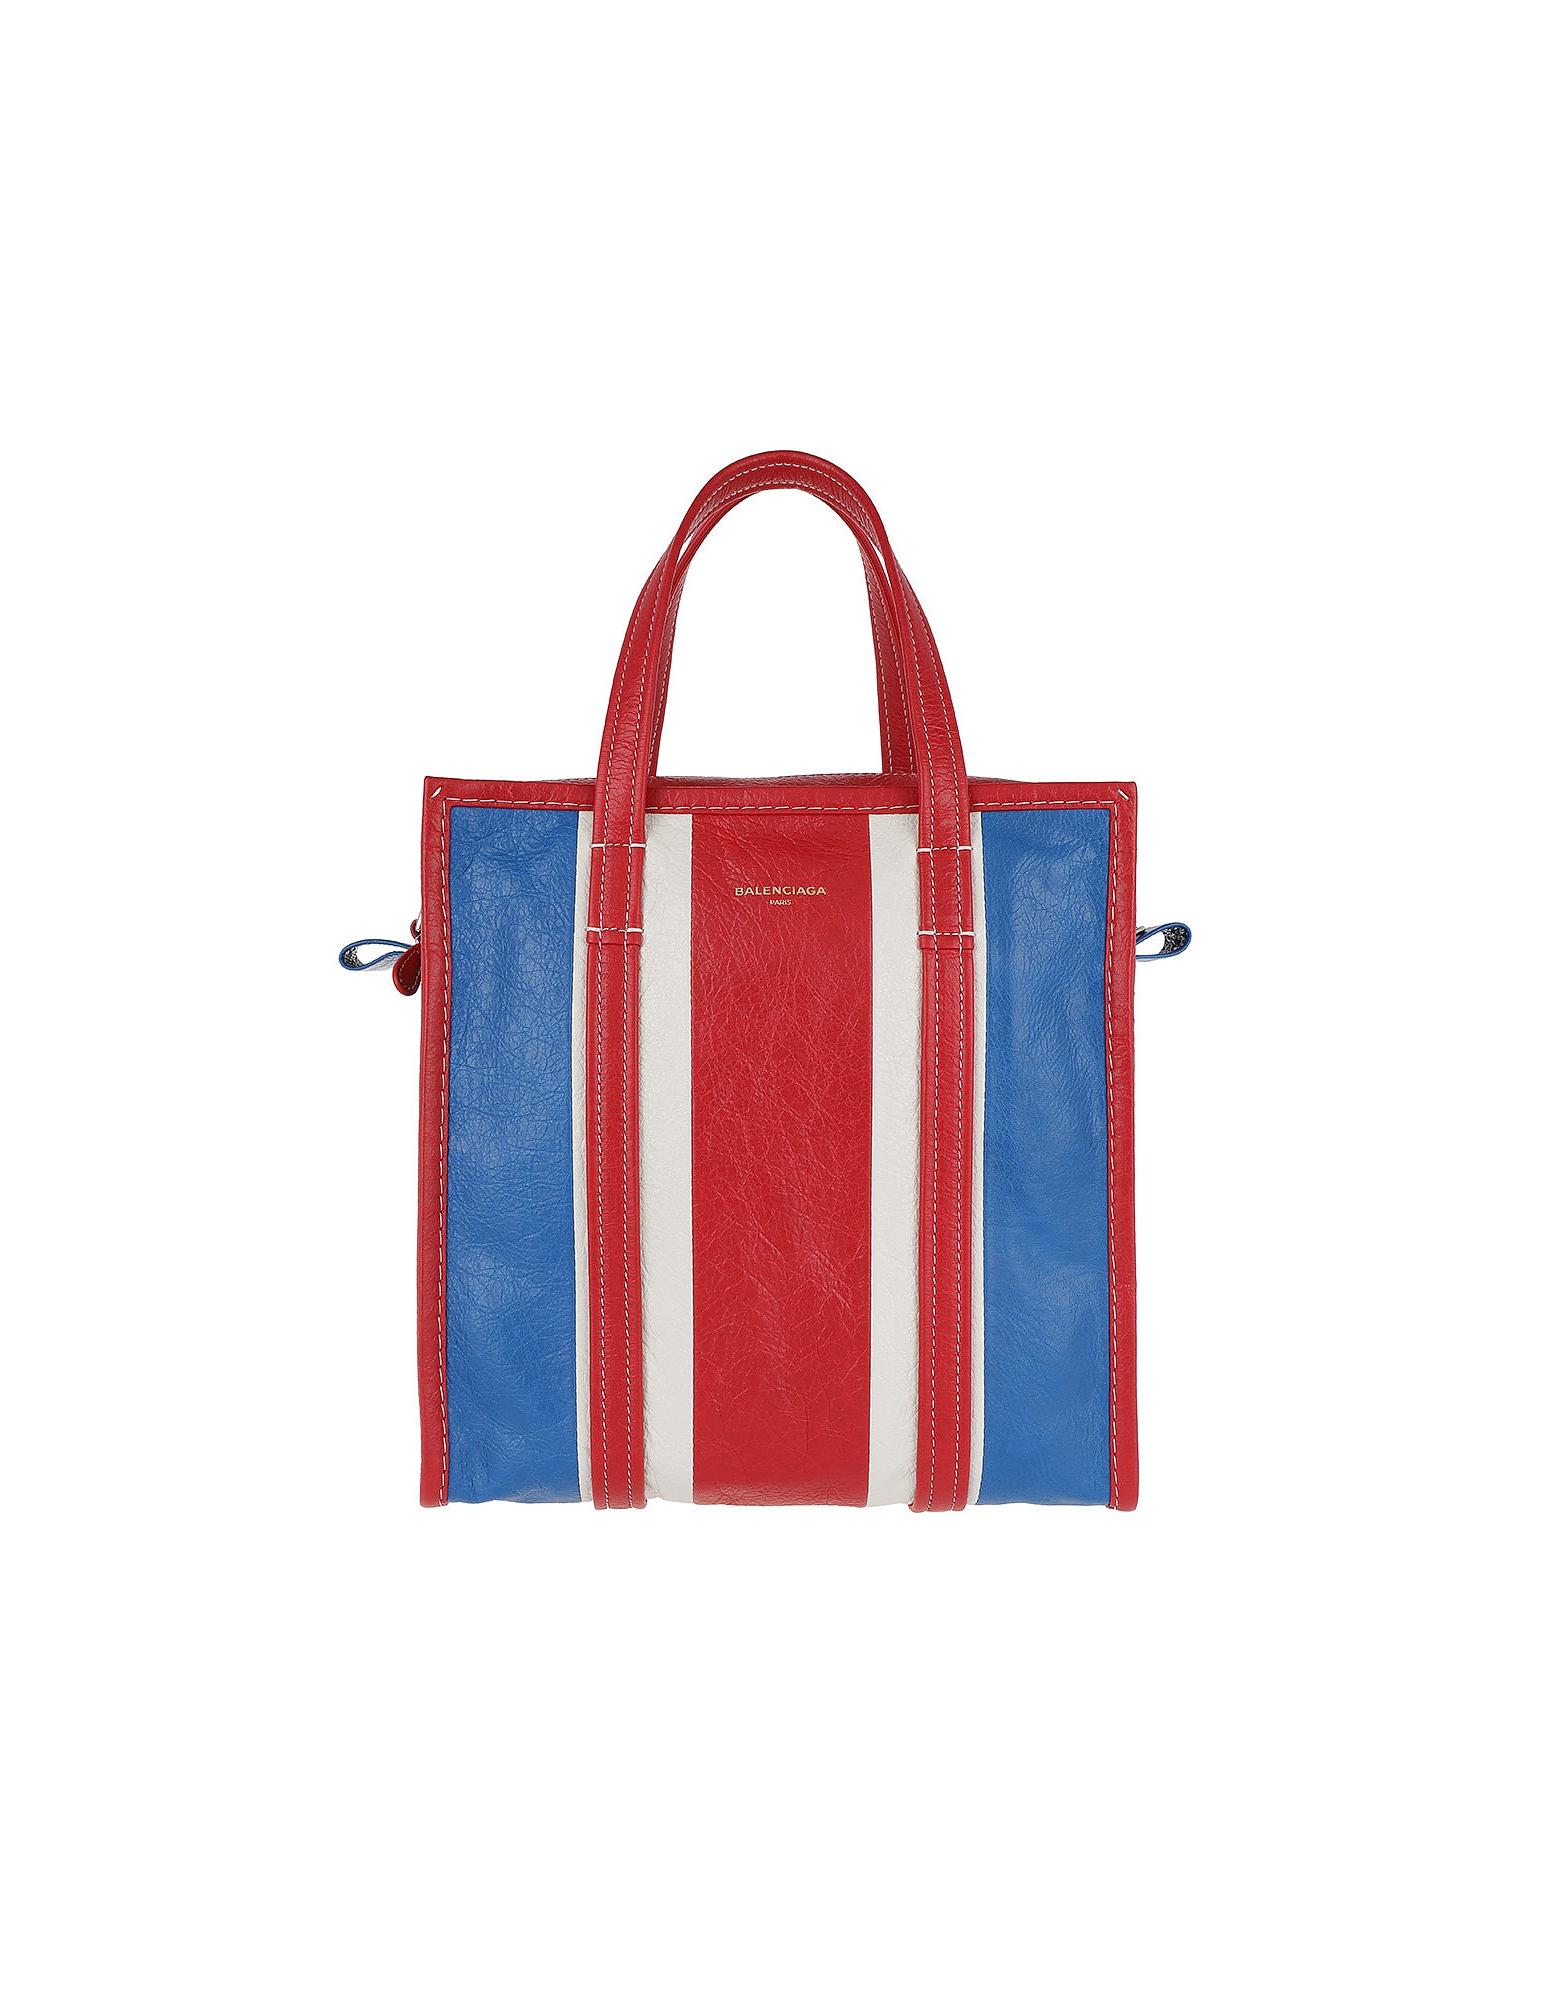 Balenciaga Handbags, Bazar Shopping Bag S Blue